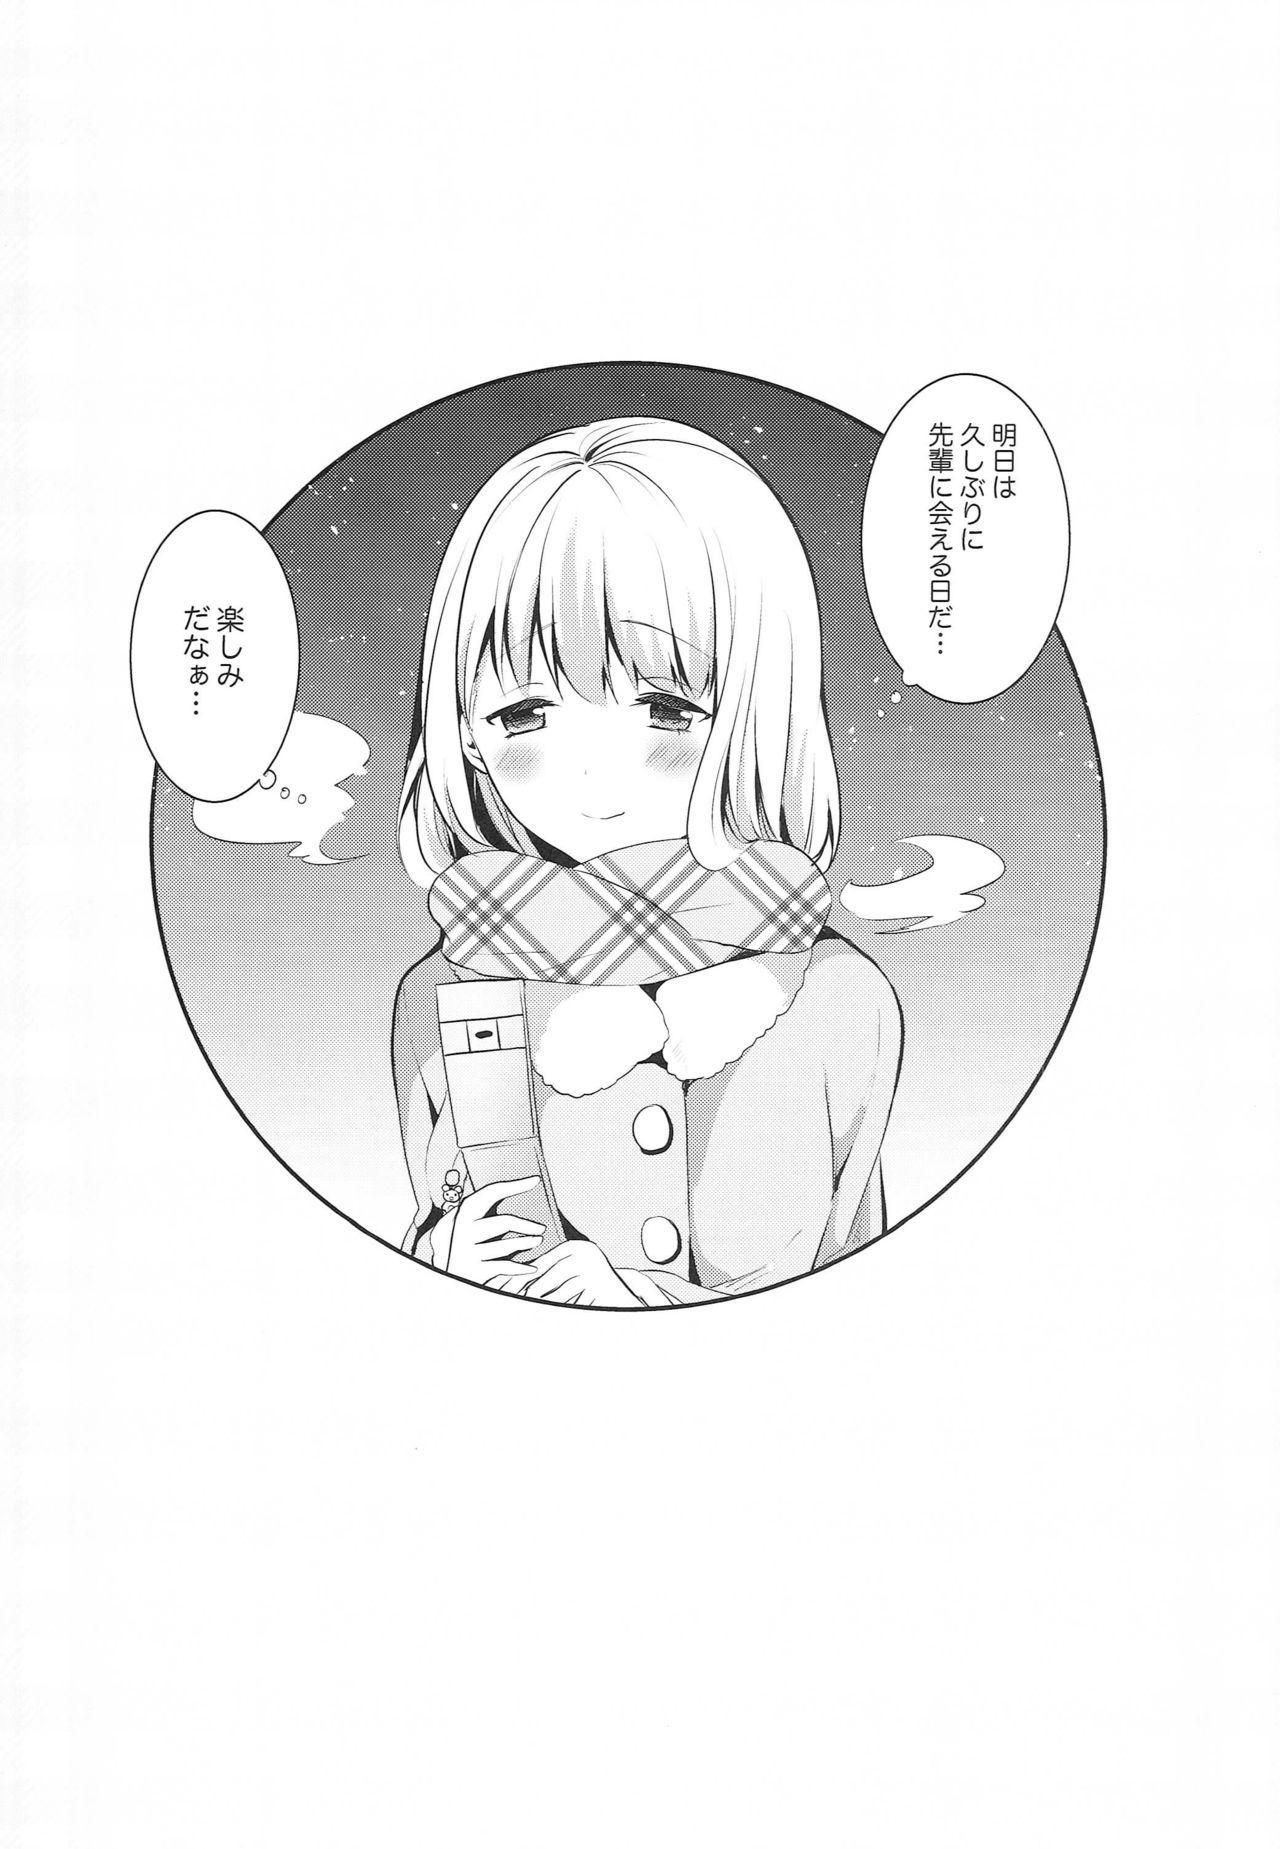 Hisashiburi ni Senpai ni Attara Ippai Amayakashite Kuremashita. 3